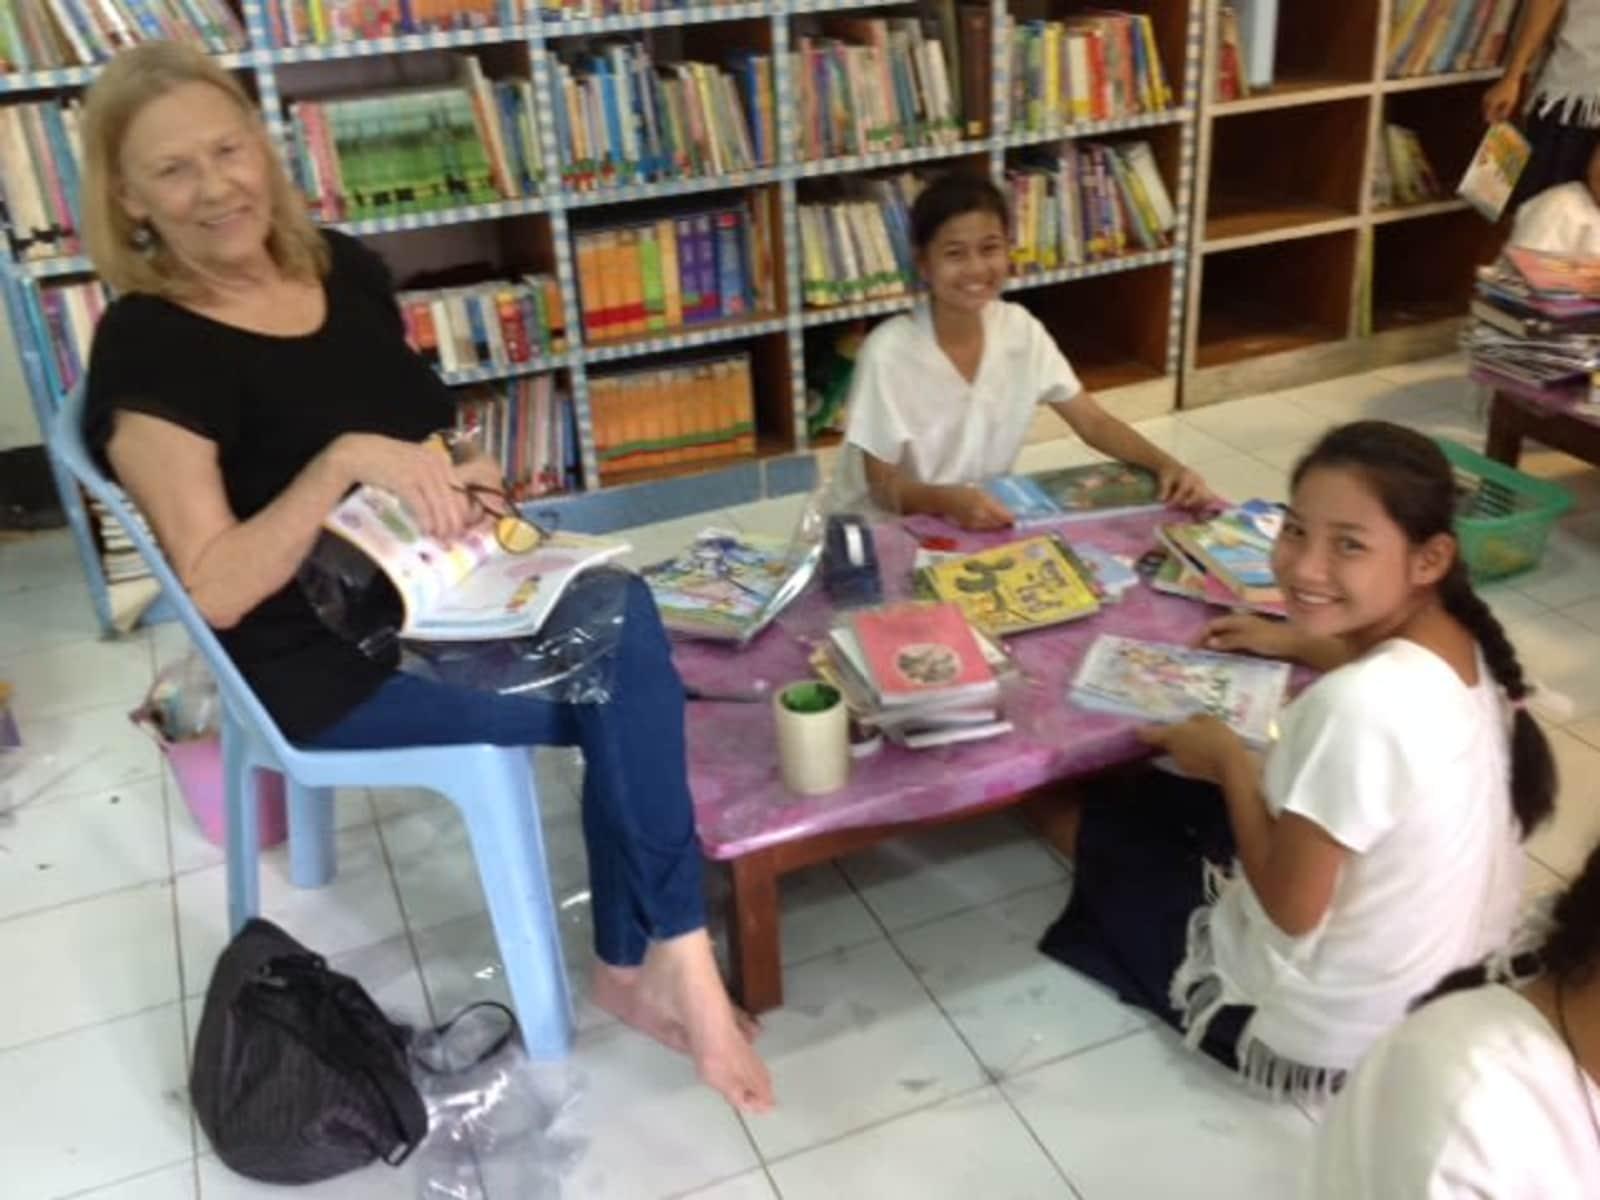 Ann from Chiang Mai, Thailand